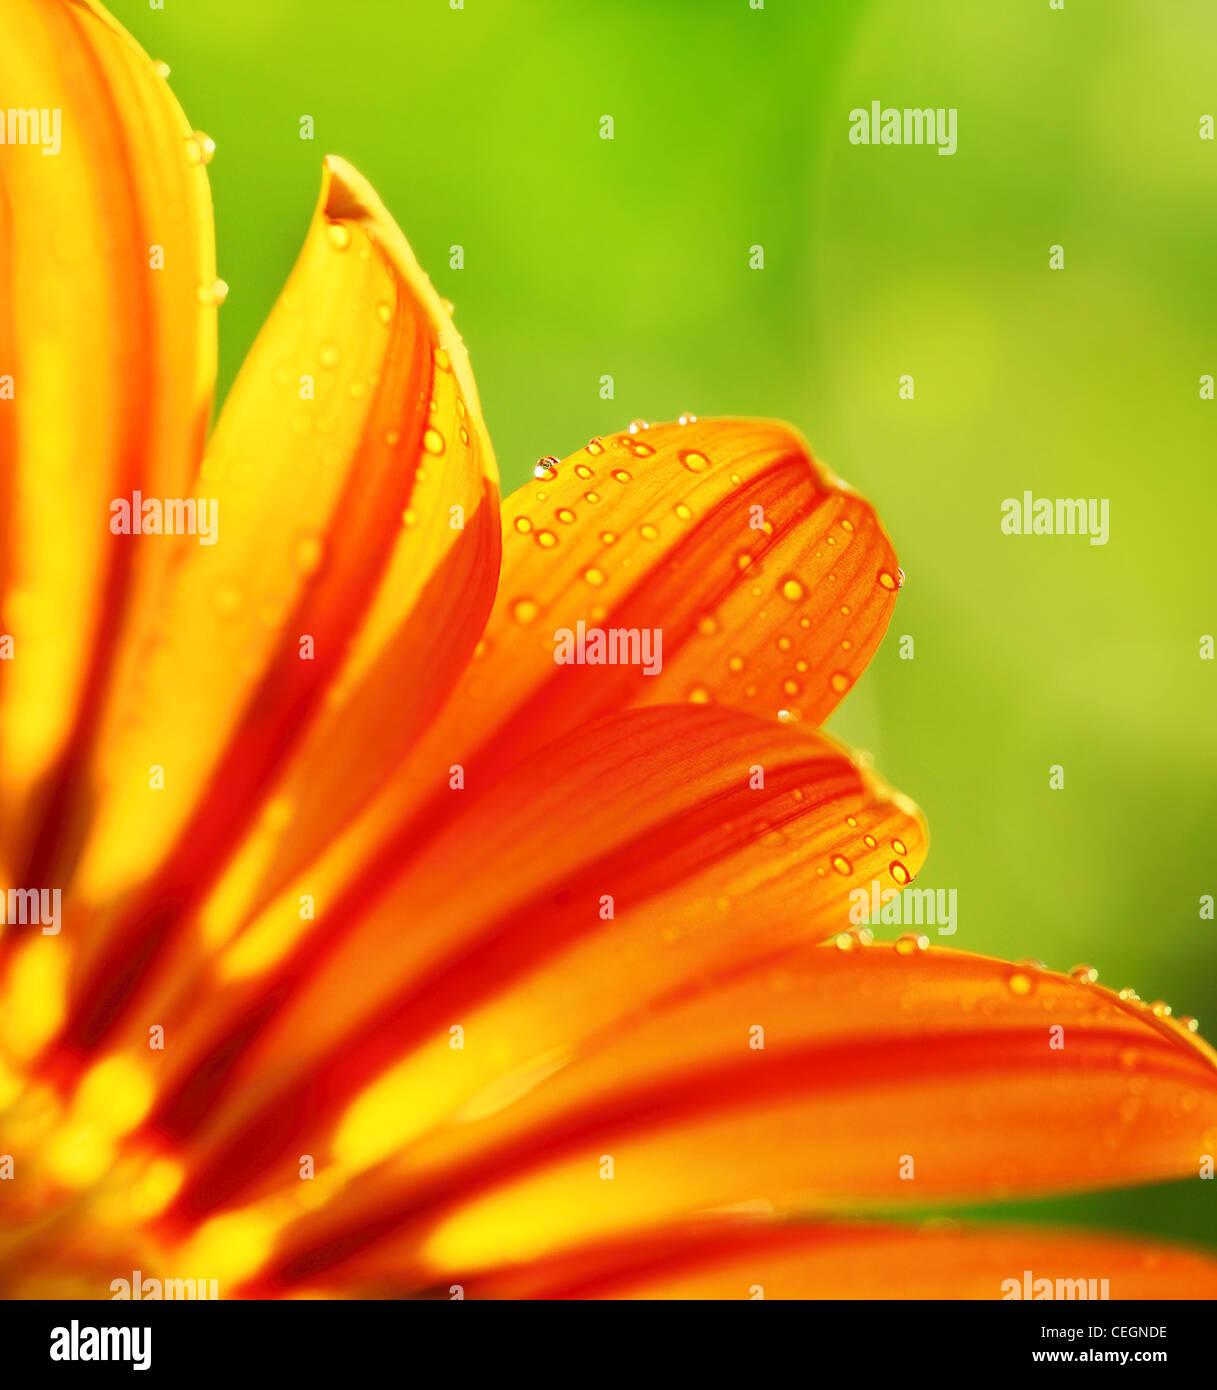 Abstract bel fiore, colorato sfondo floreale , umido giallo petali di frontiera, daisy pianta con bokeh ,natura dettagli macro Foto Stock